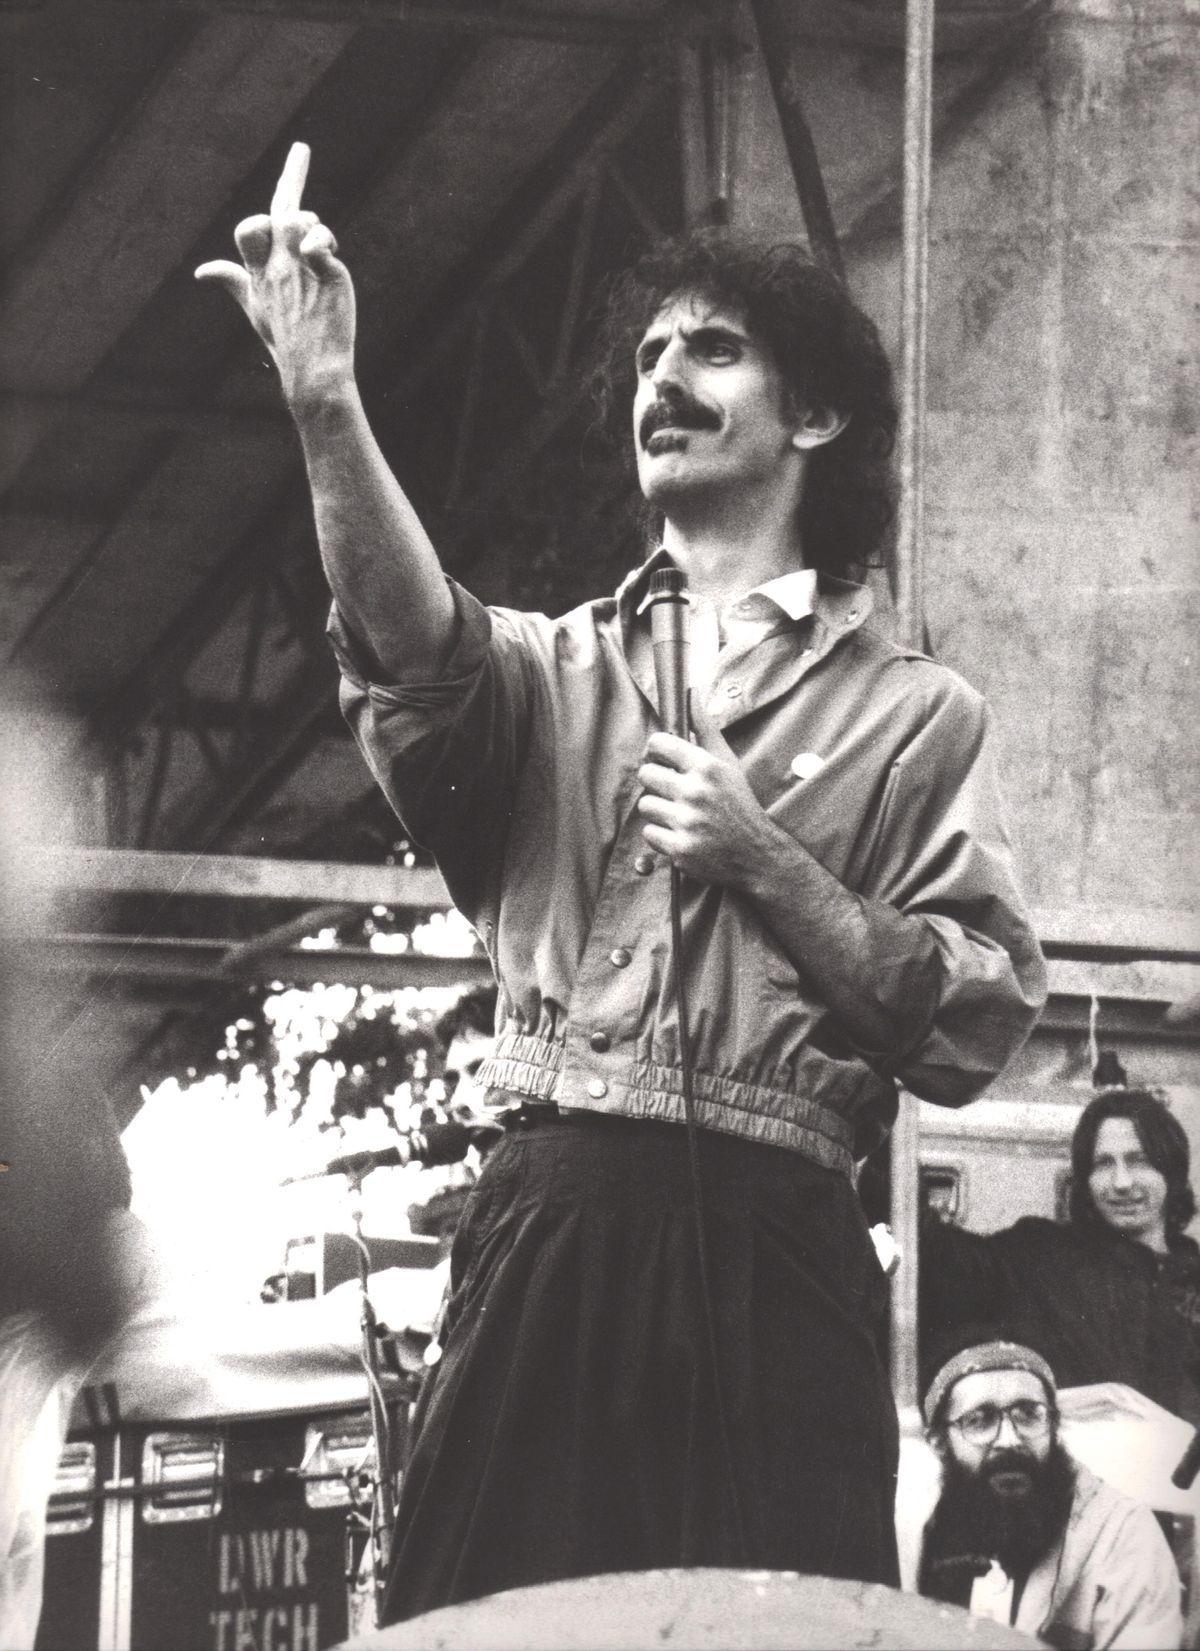 Frank Zappa Happy Birthday regarding frank zappa in würzburg germany | music | pinterest | frank zappa